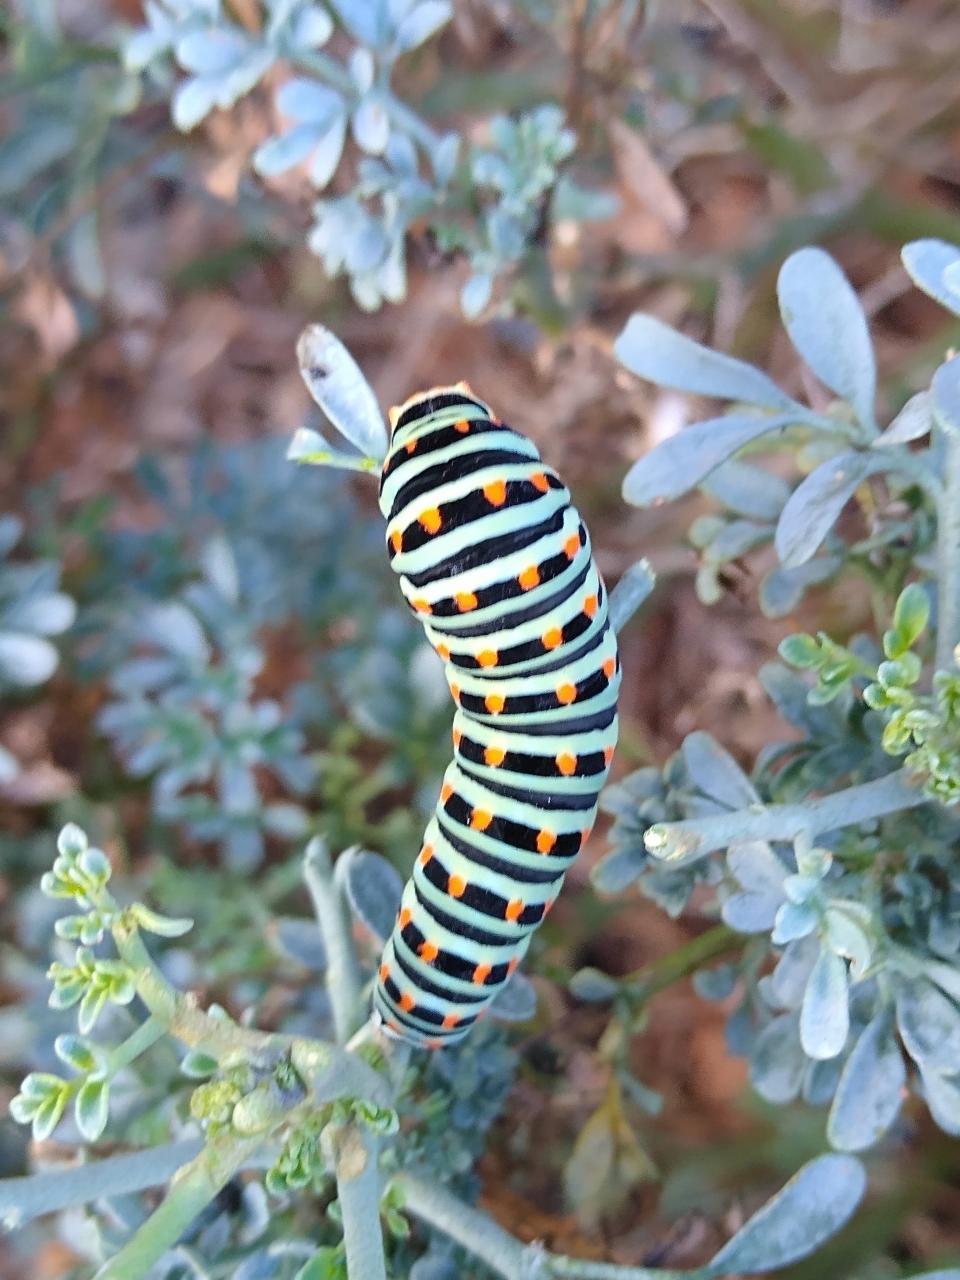 A beautiful Swallow Tail Caterpillar